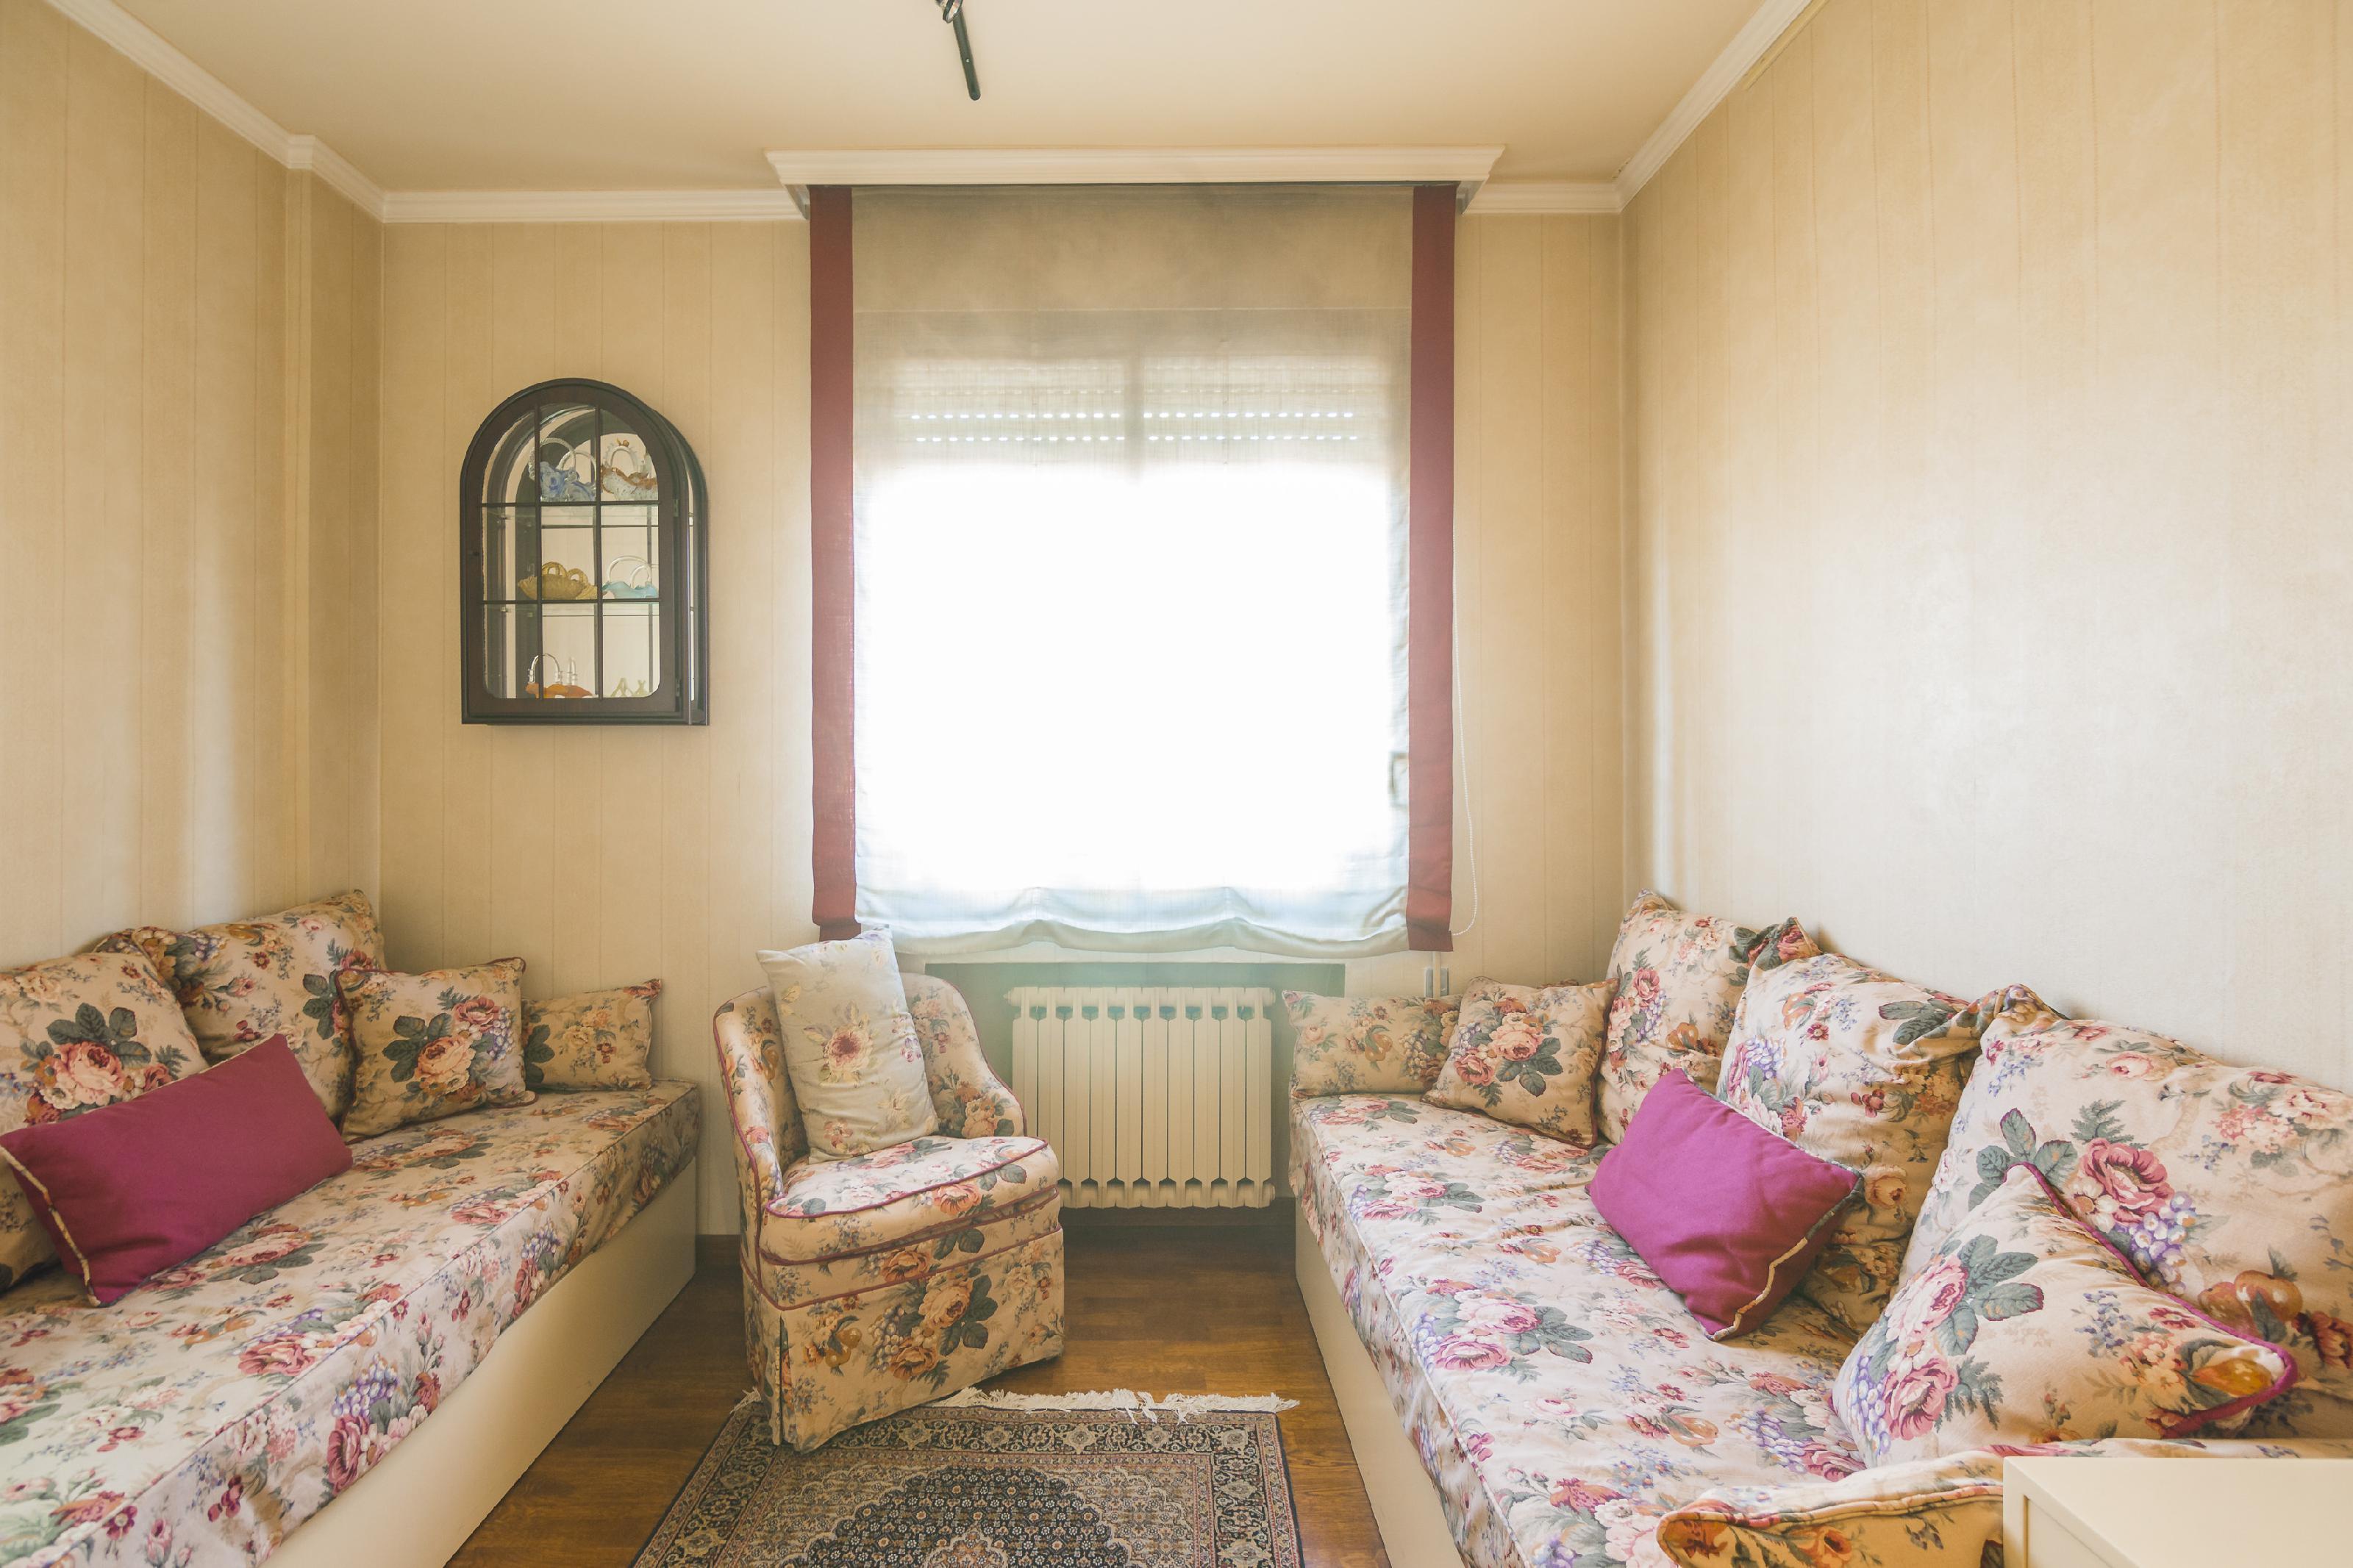 246837 Flat for sale in Sarrià-Sant Gervasi, Sarrià 16